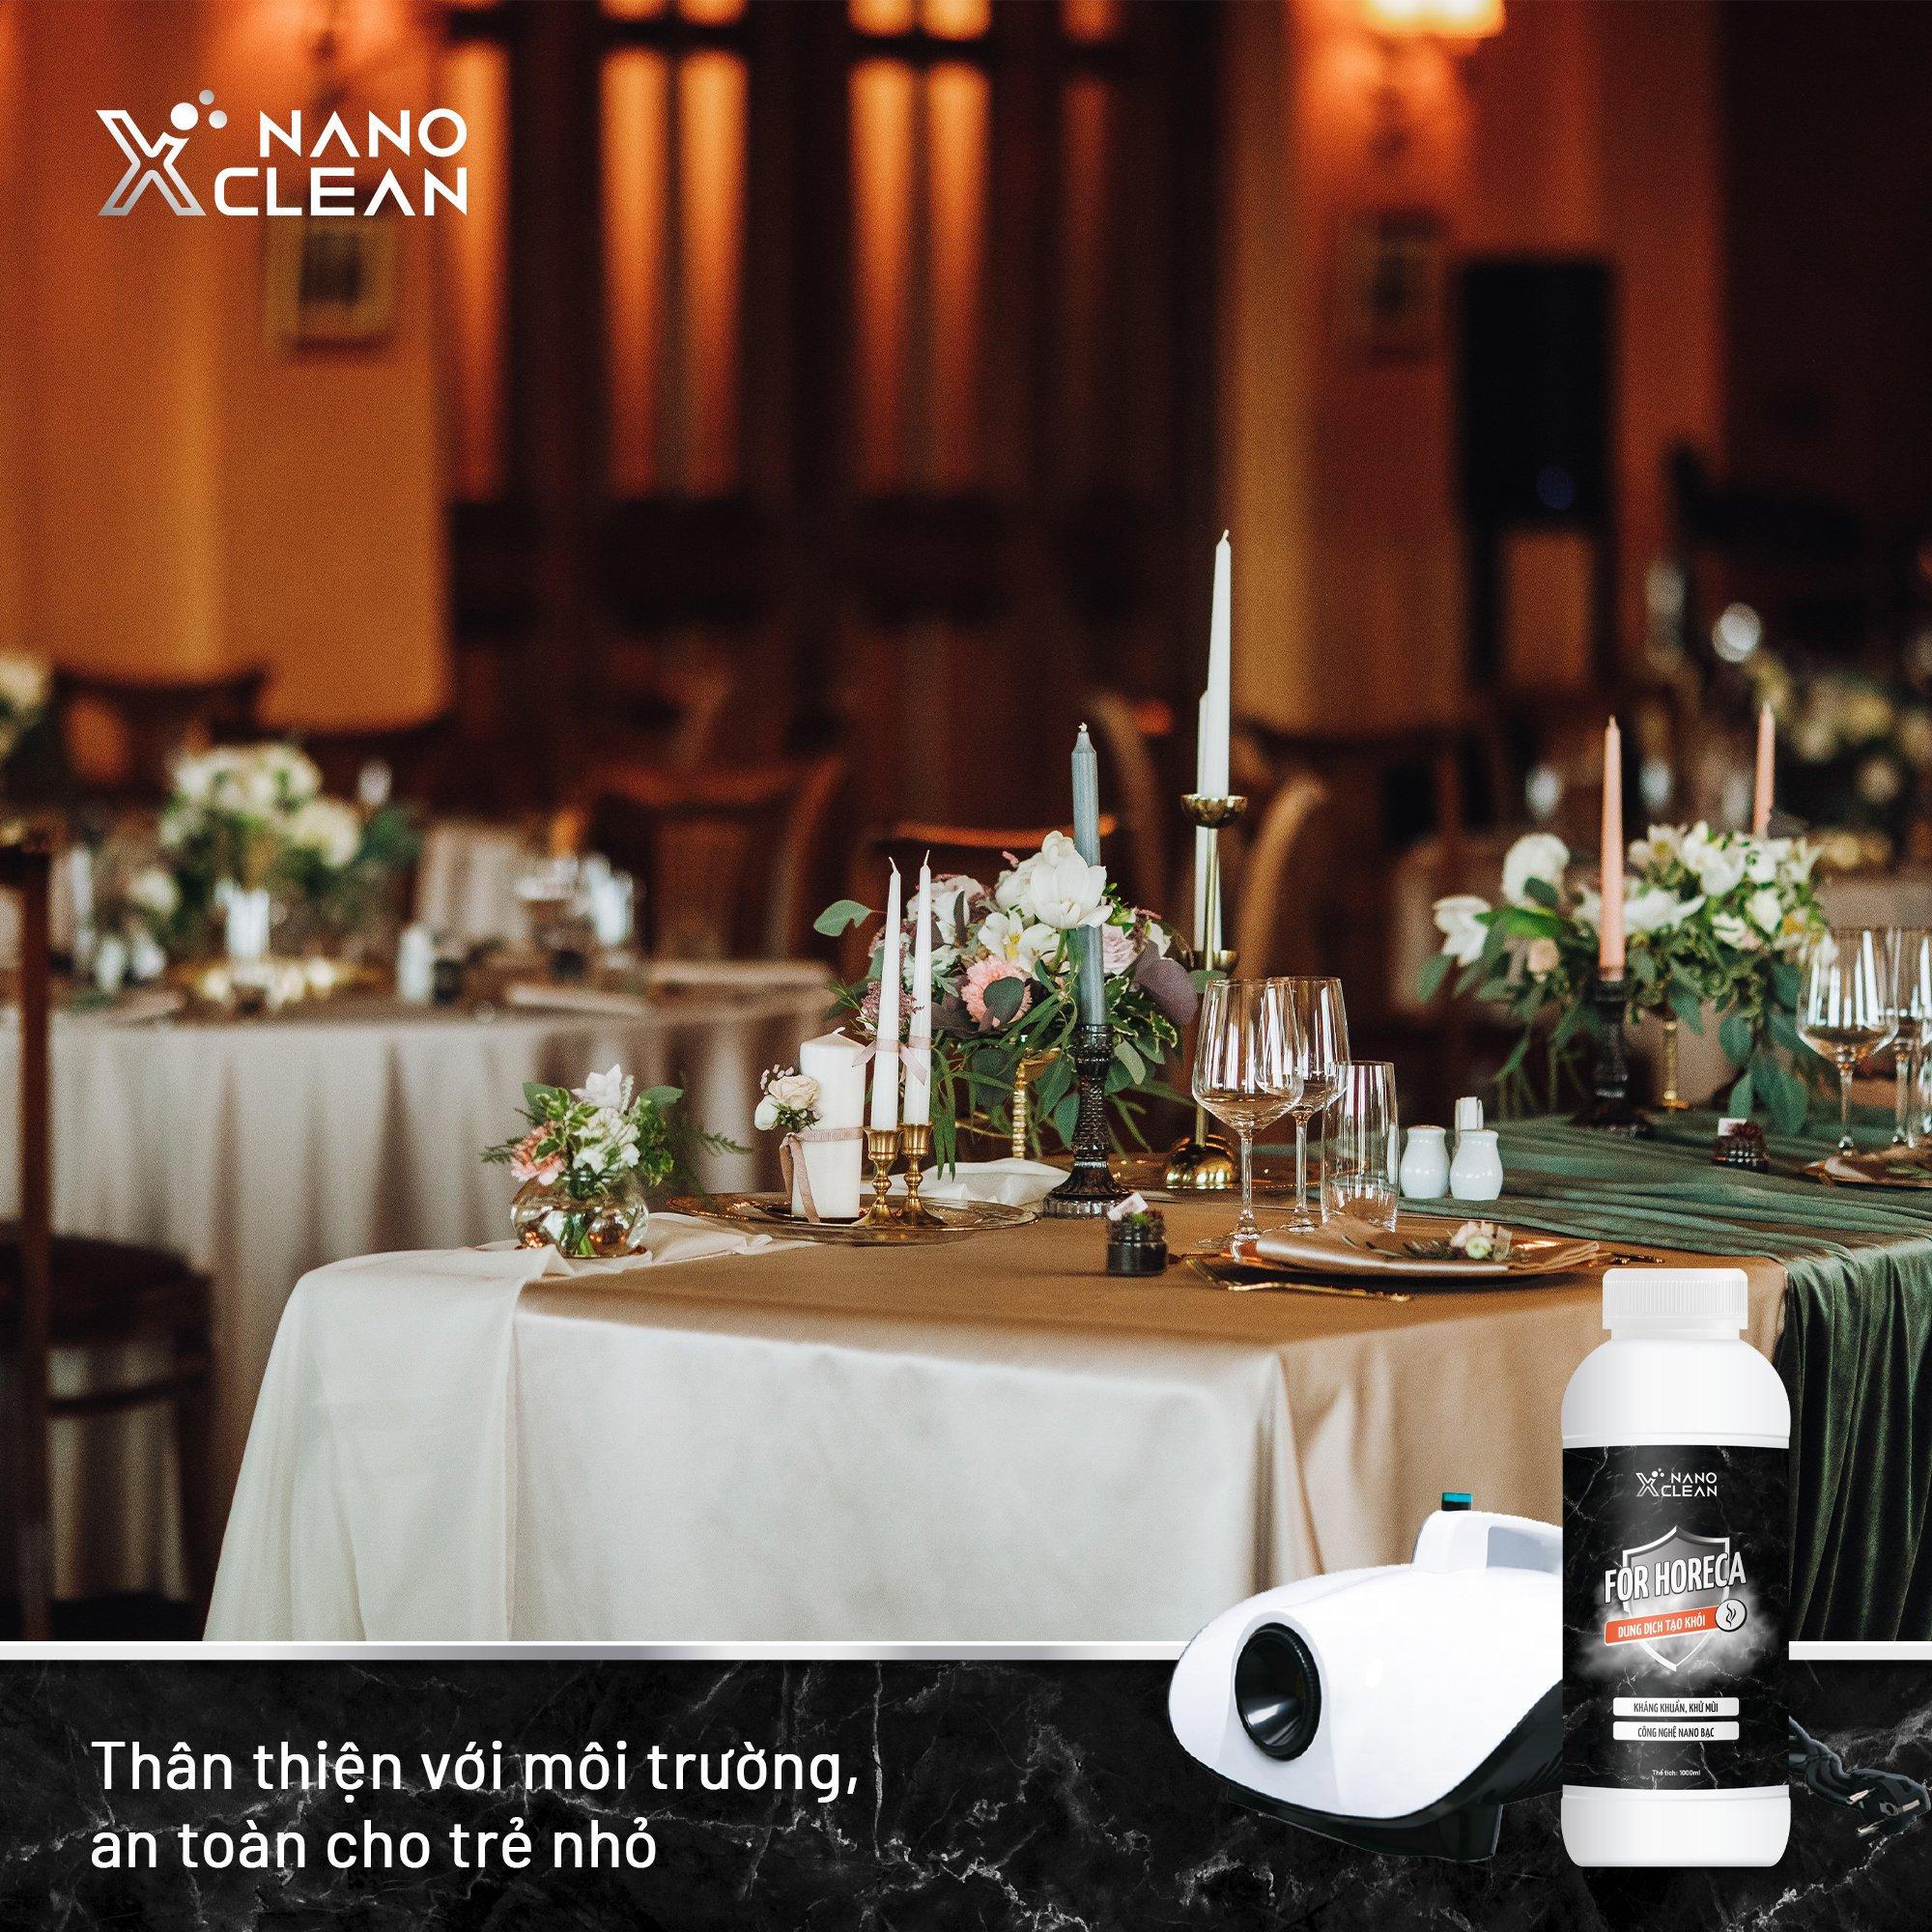 Dung Dịch Nano Xclean Horeca 1000ml - Sử Dụng Khử Mùi Không Gian Nhà Ở, Nhà Hàng, Khách Sạn.